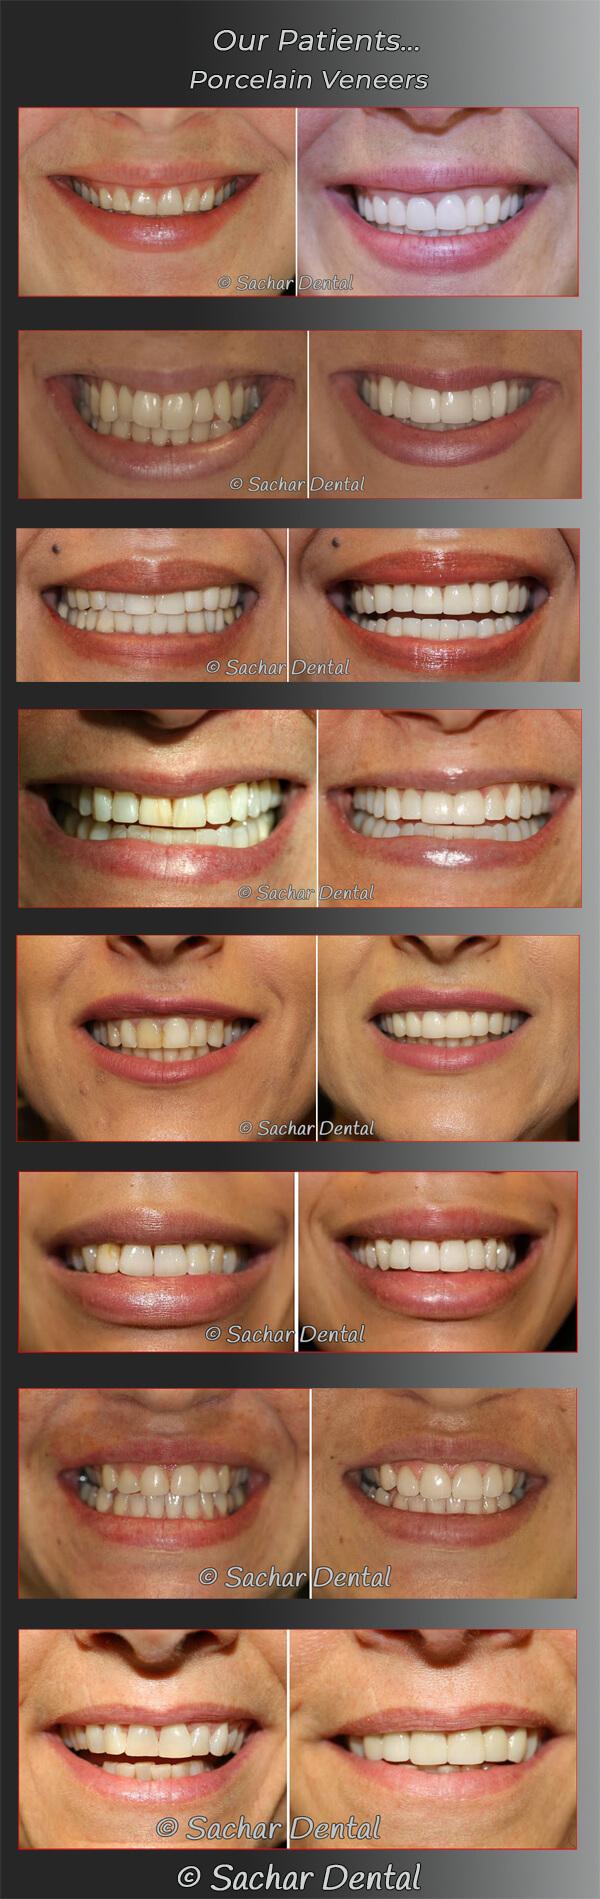 Cosmetic Dentist NYC for Porcelain Veneers